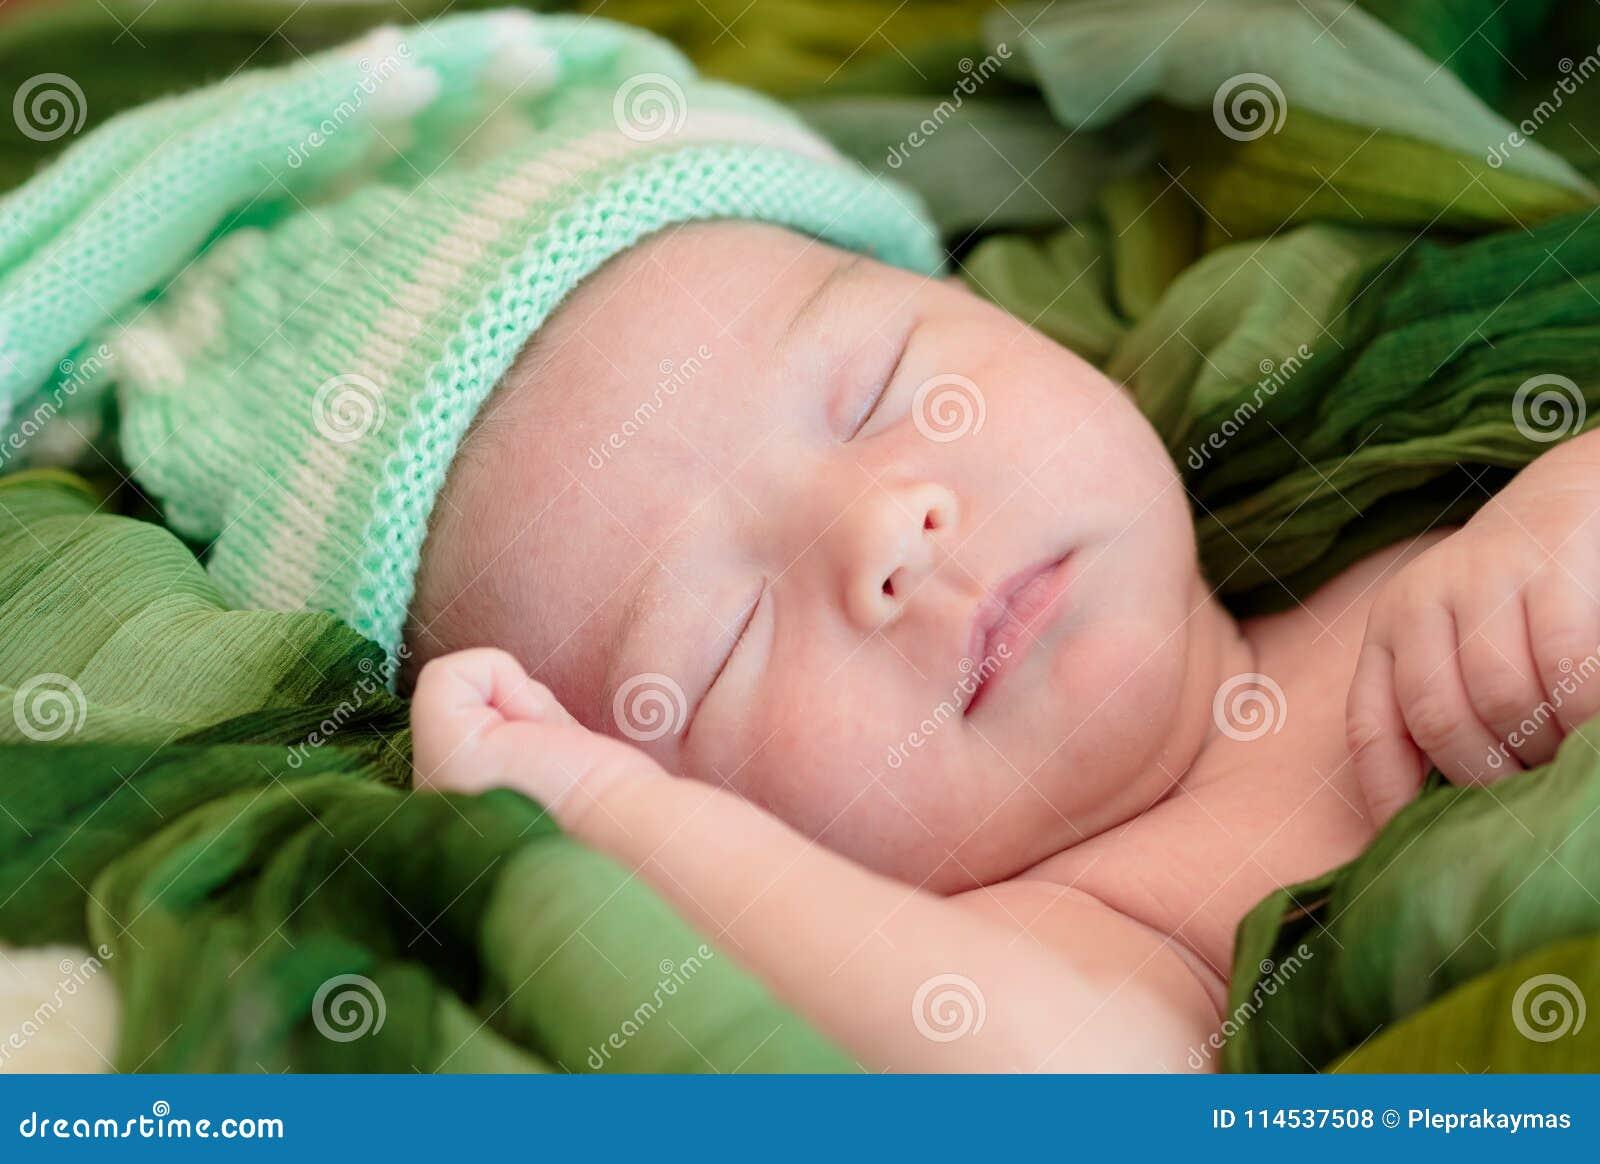 El bebé recién nacido está durmiendo